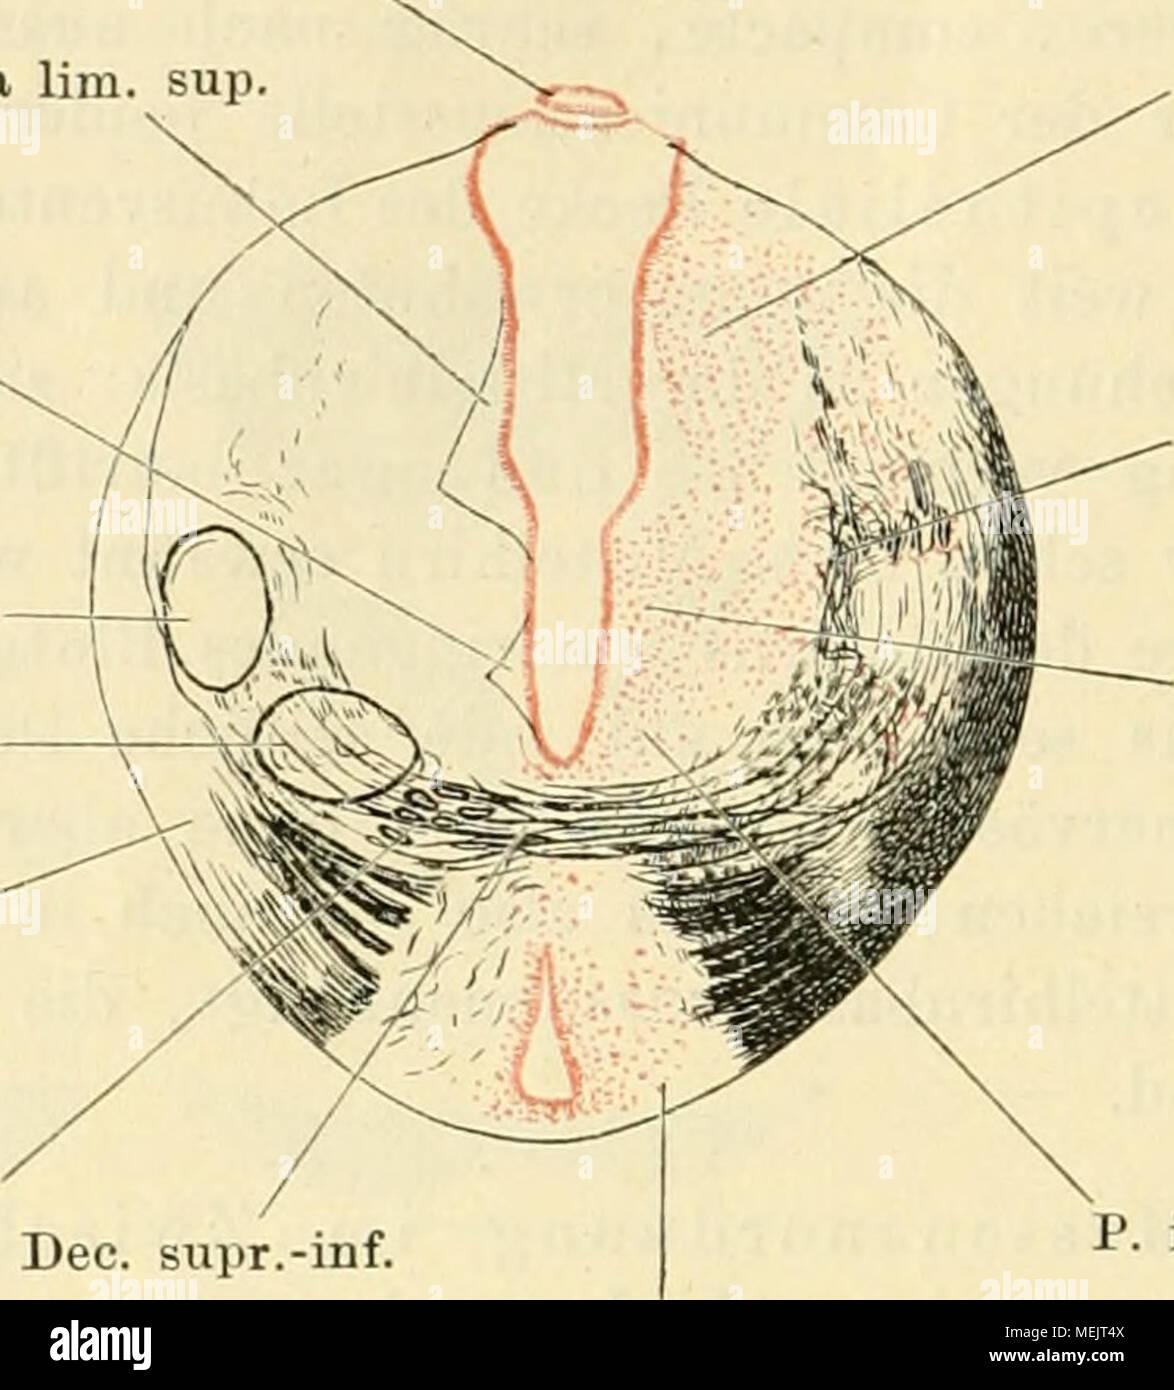 Fantastisch Oberschenkelbereich Anatomie Galerie - Anatomie Ideen ...